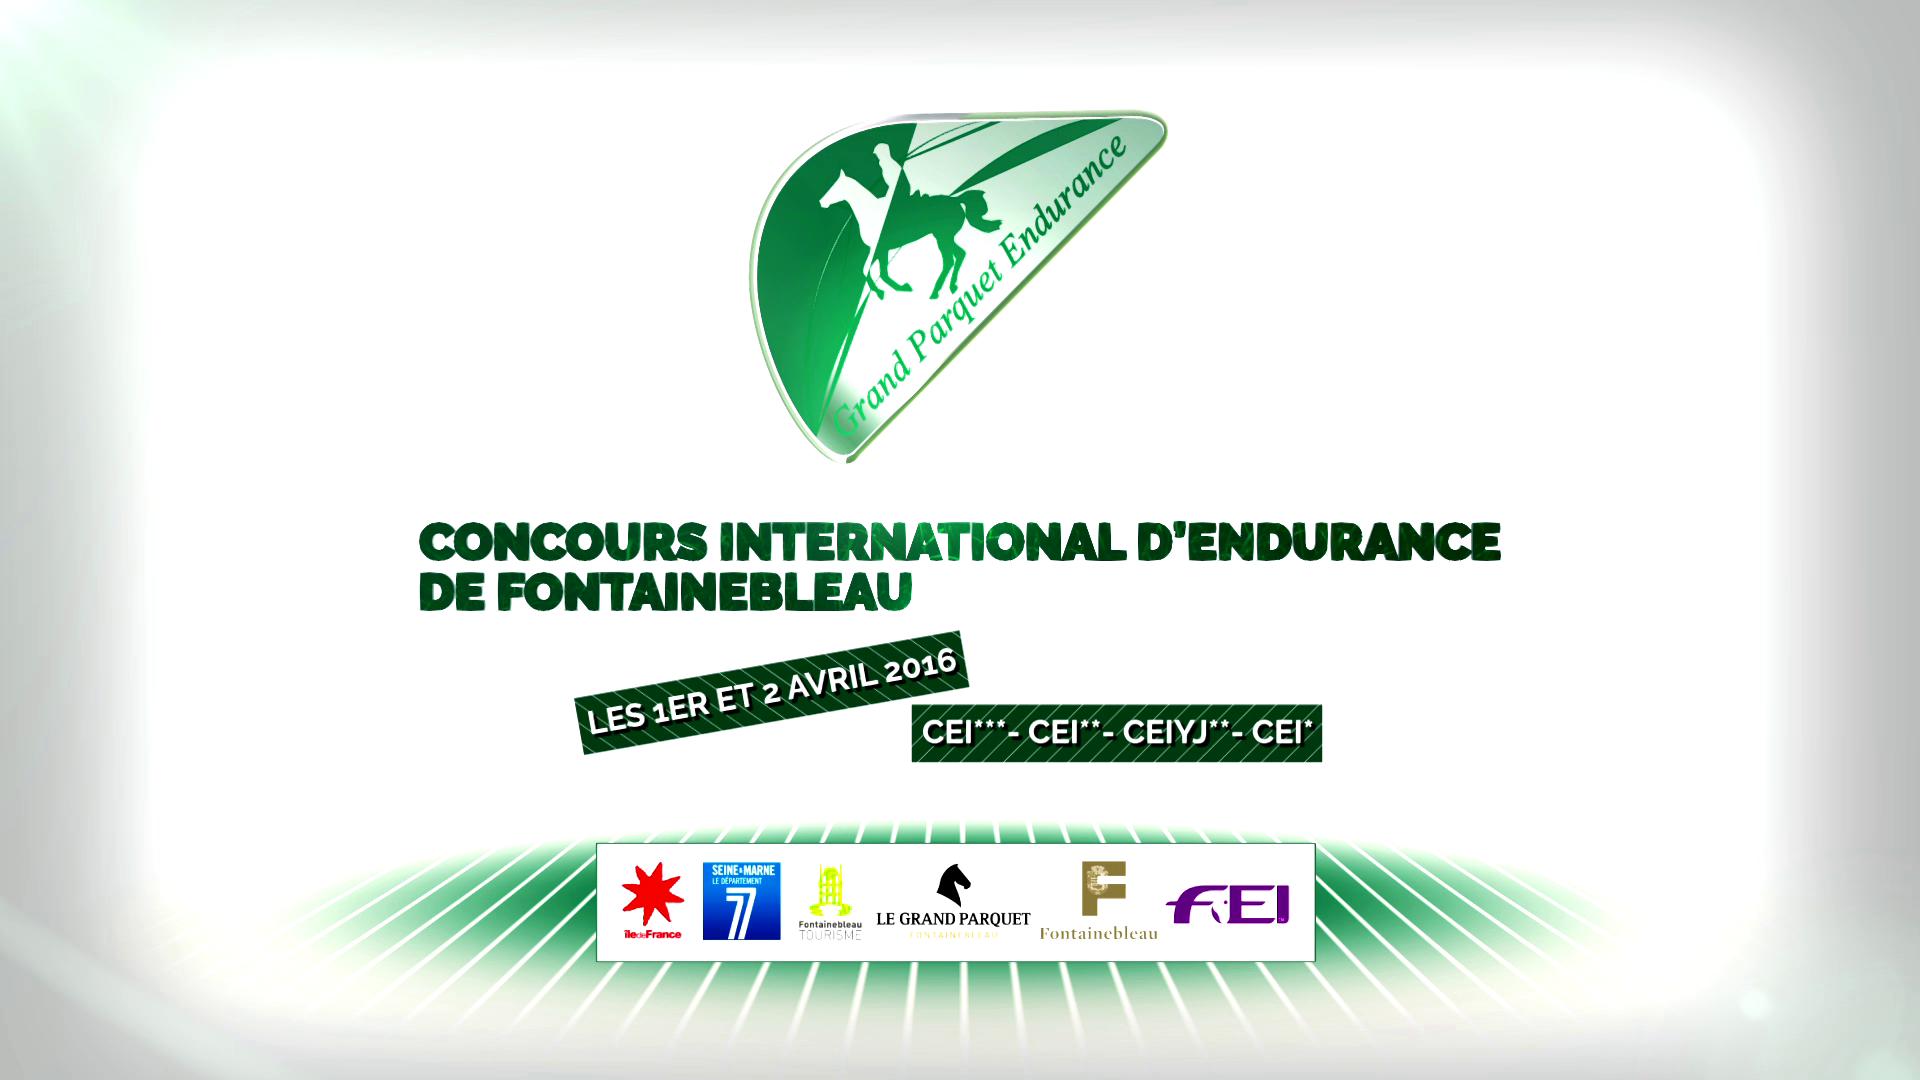 Teaser «CONCOURS INTERNATIONAL D'ENDURANCE DE FONTAINEBLEAU 2016»